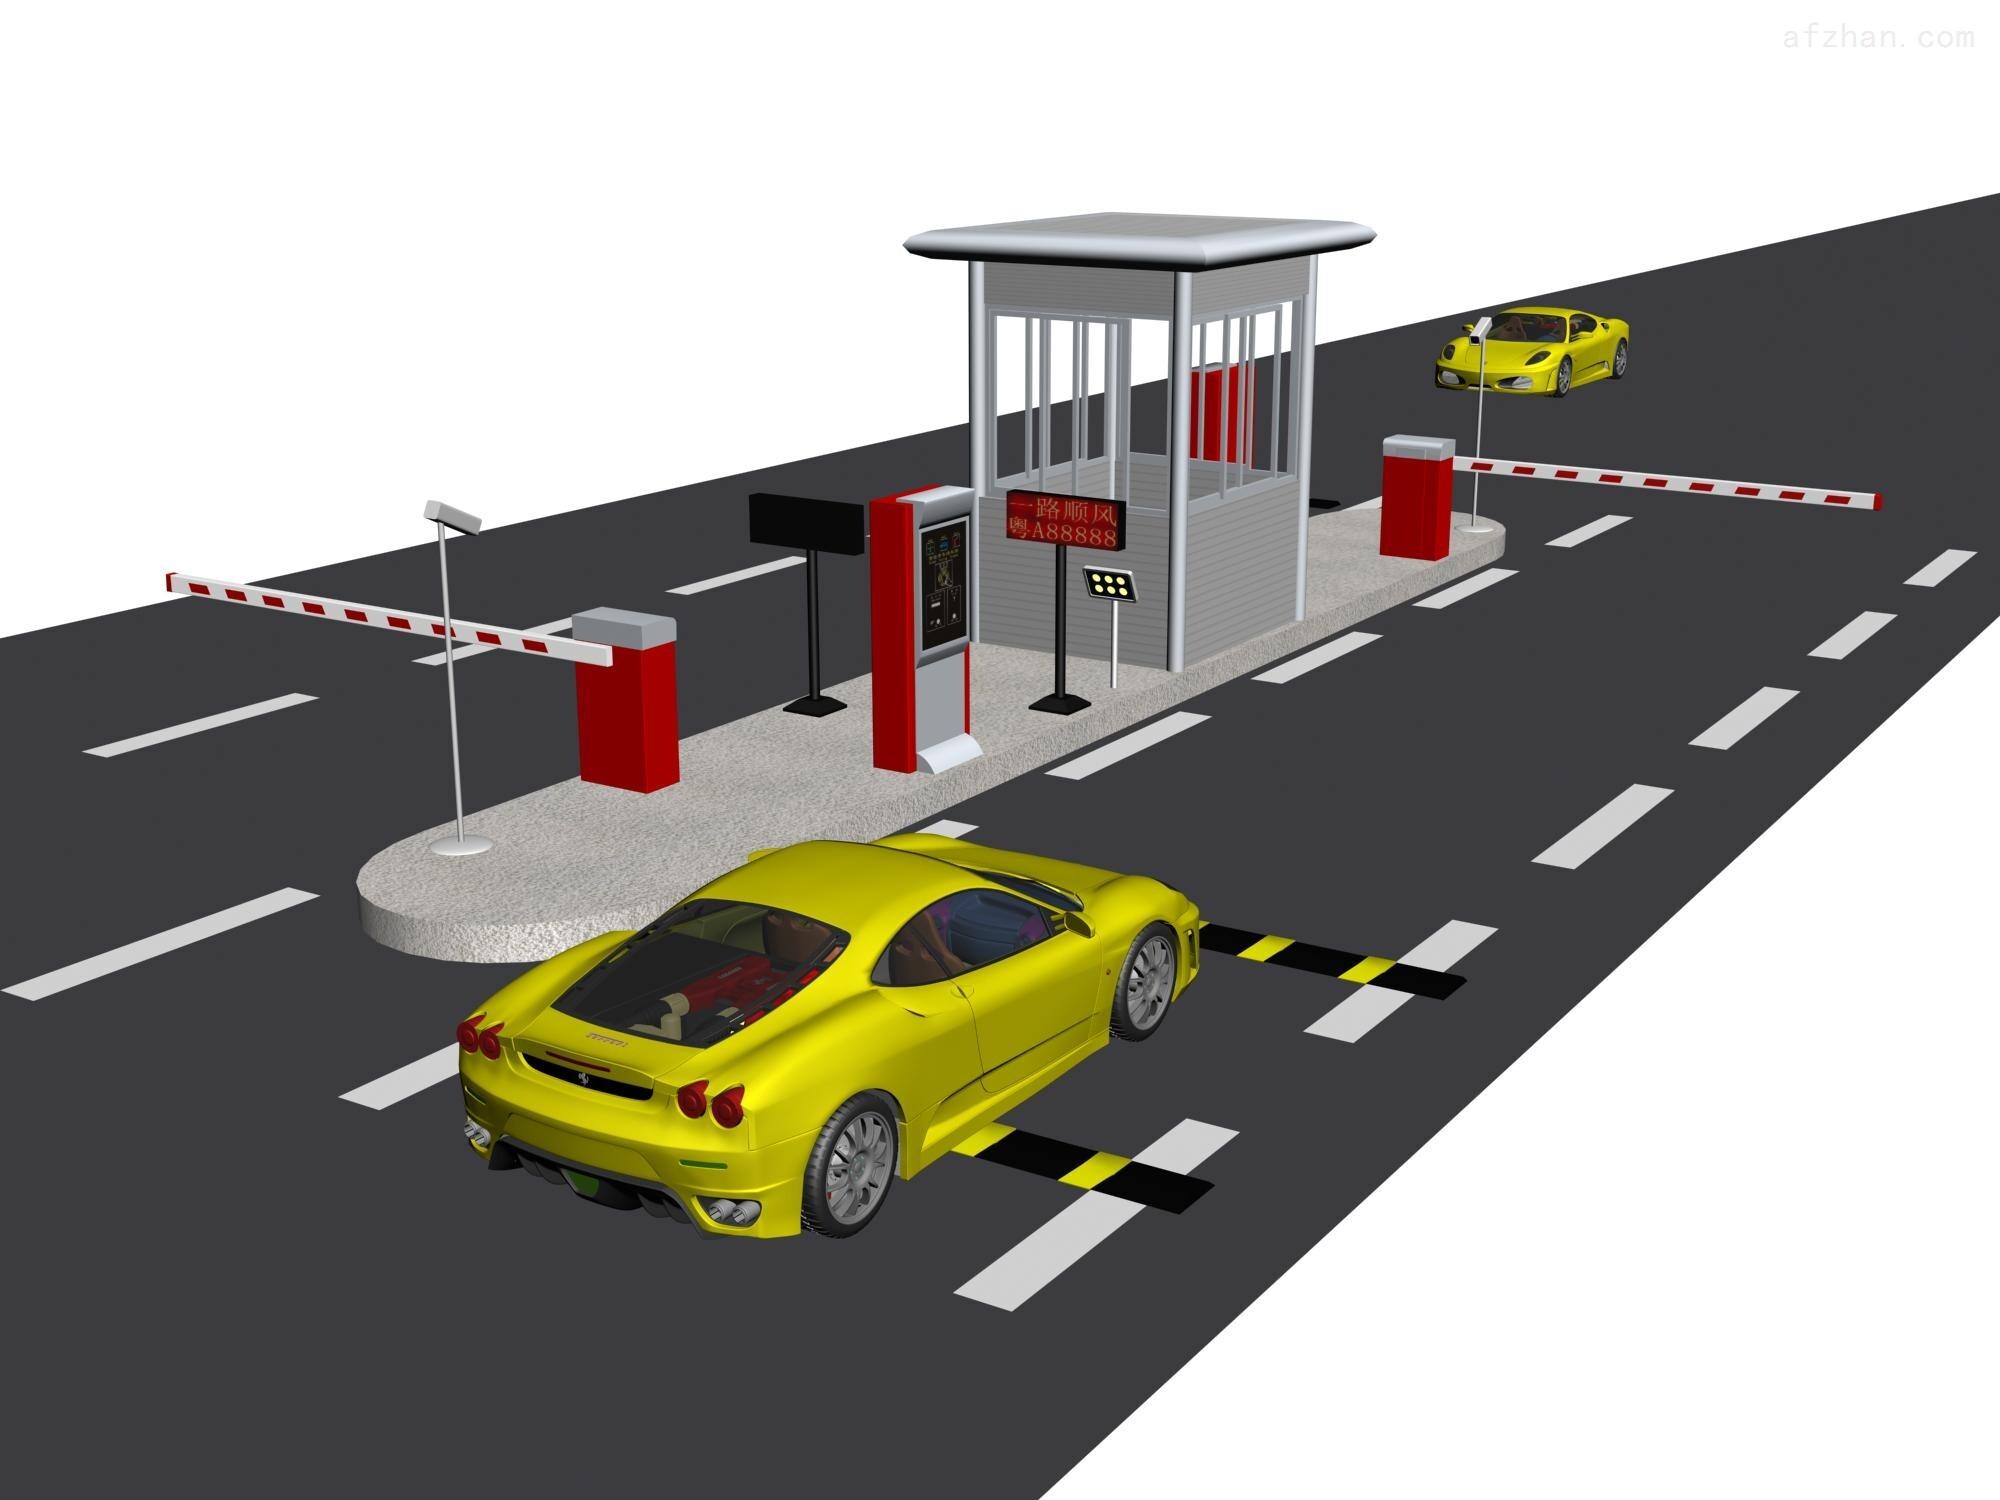 合肥商业广场车牌自动识别系统 安徽超市停车场收费系统